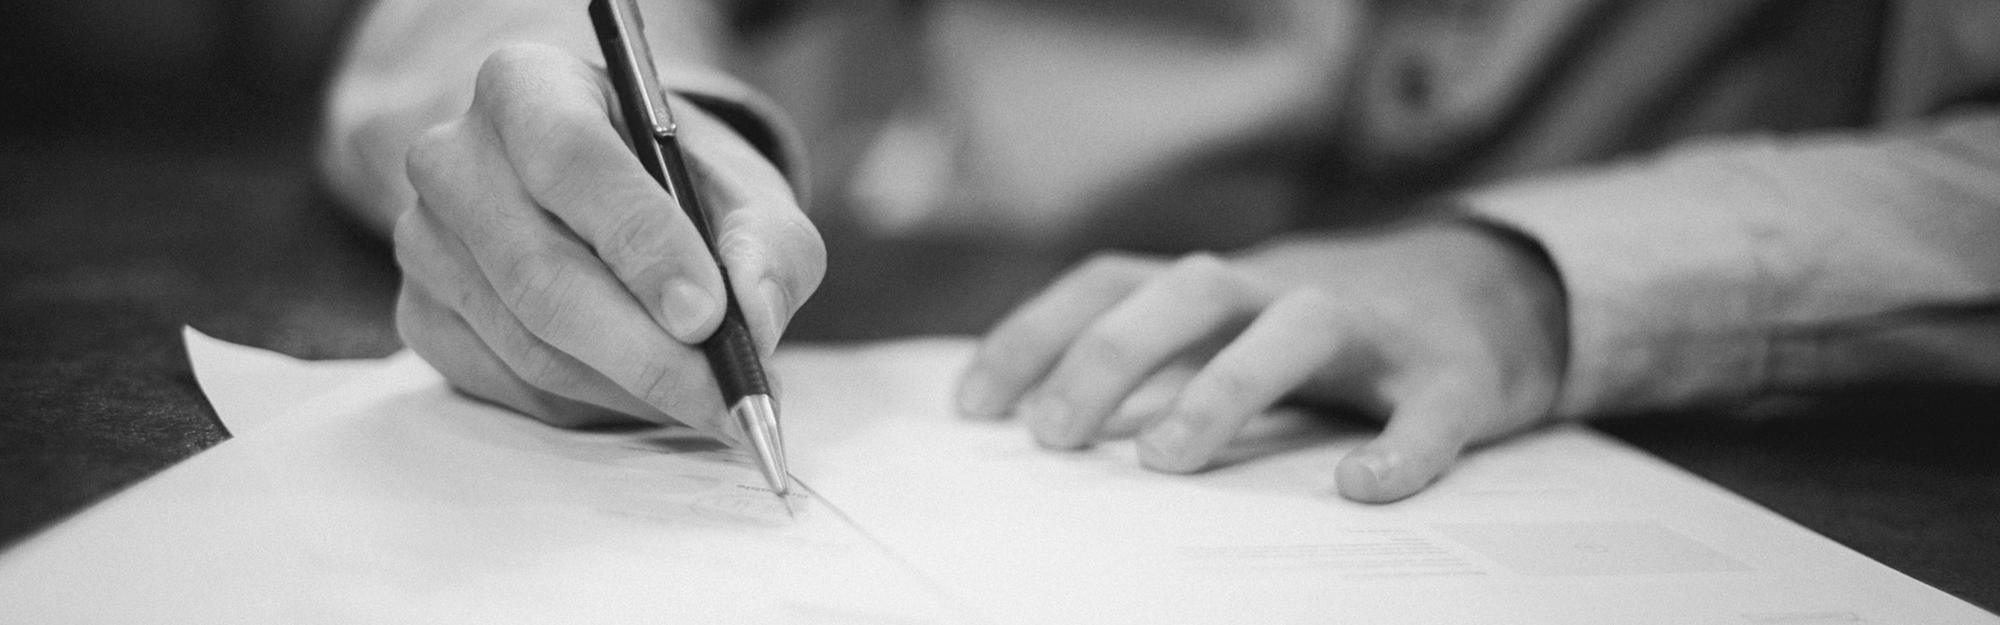 Sprzedaż udziałów bez zgody spółki – jakie rodzi konsekwencje?